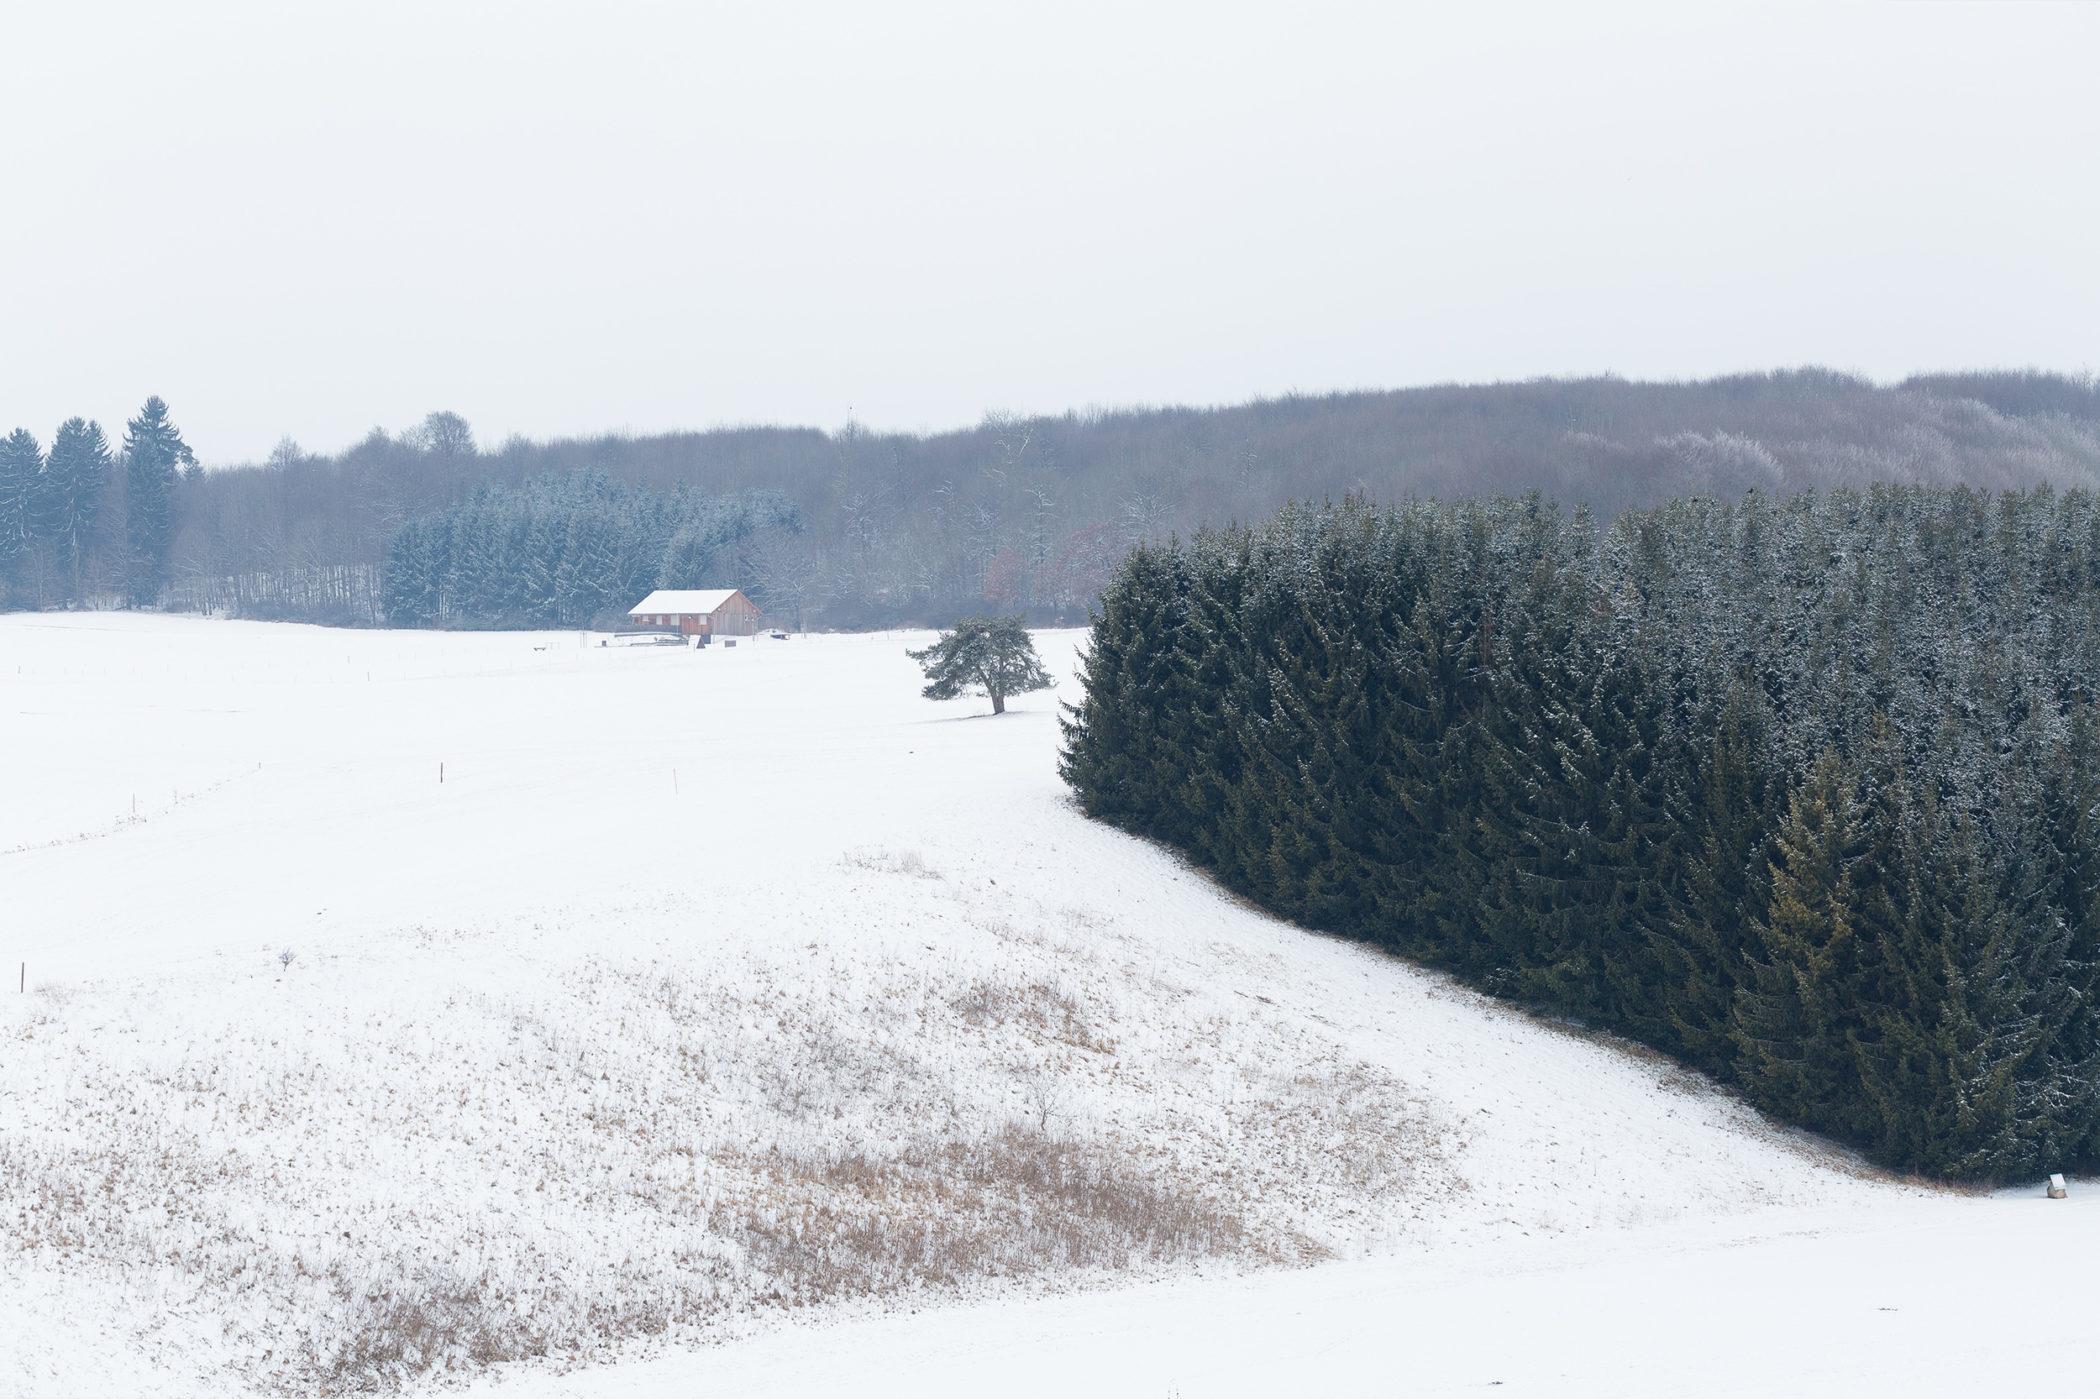 Ein Wald mit Hof im Hintergrund im Schnee.